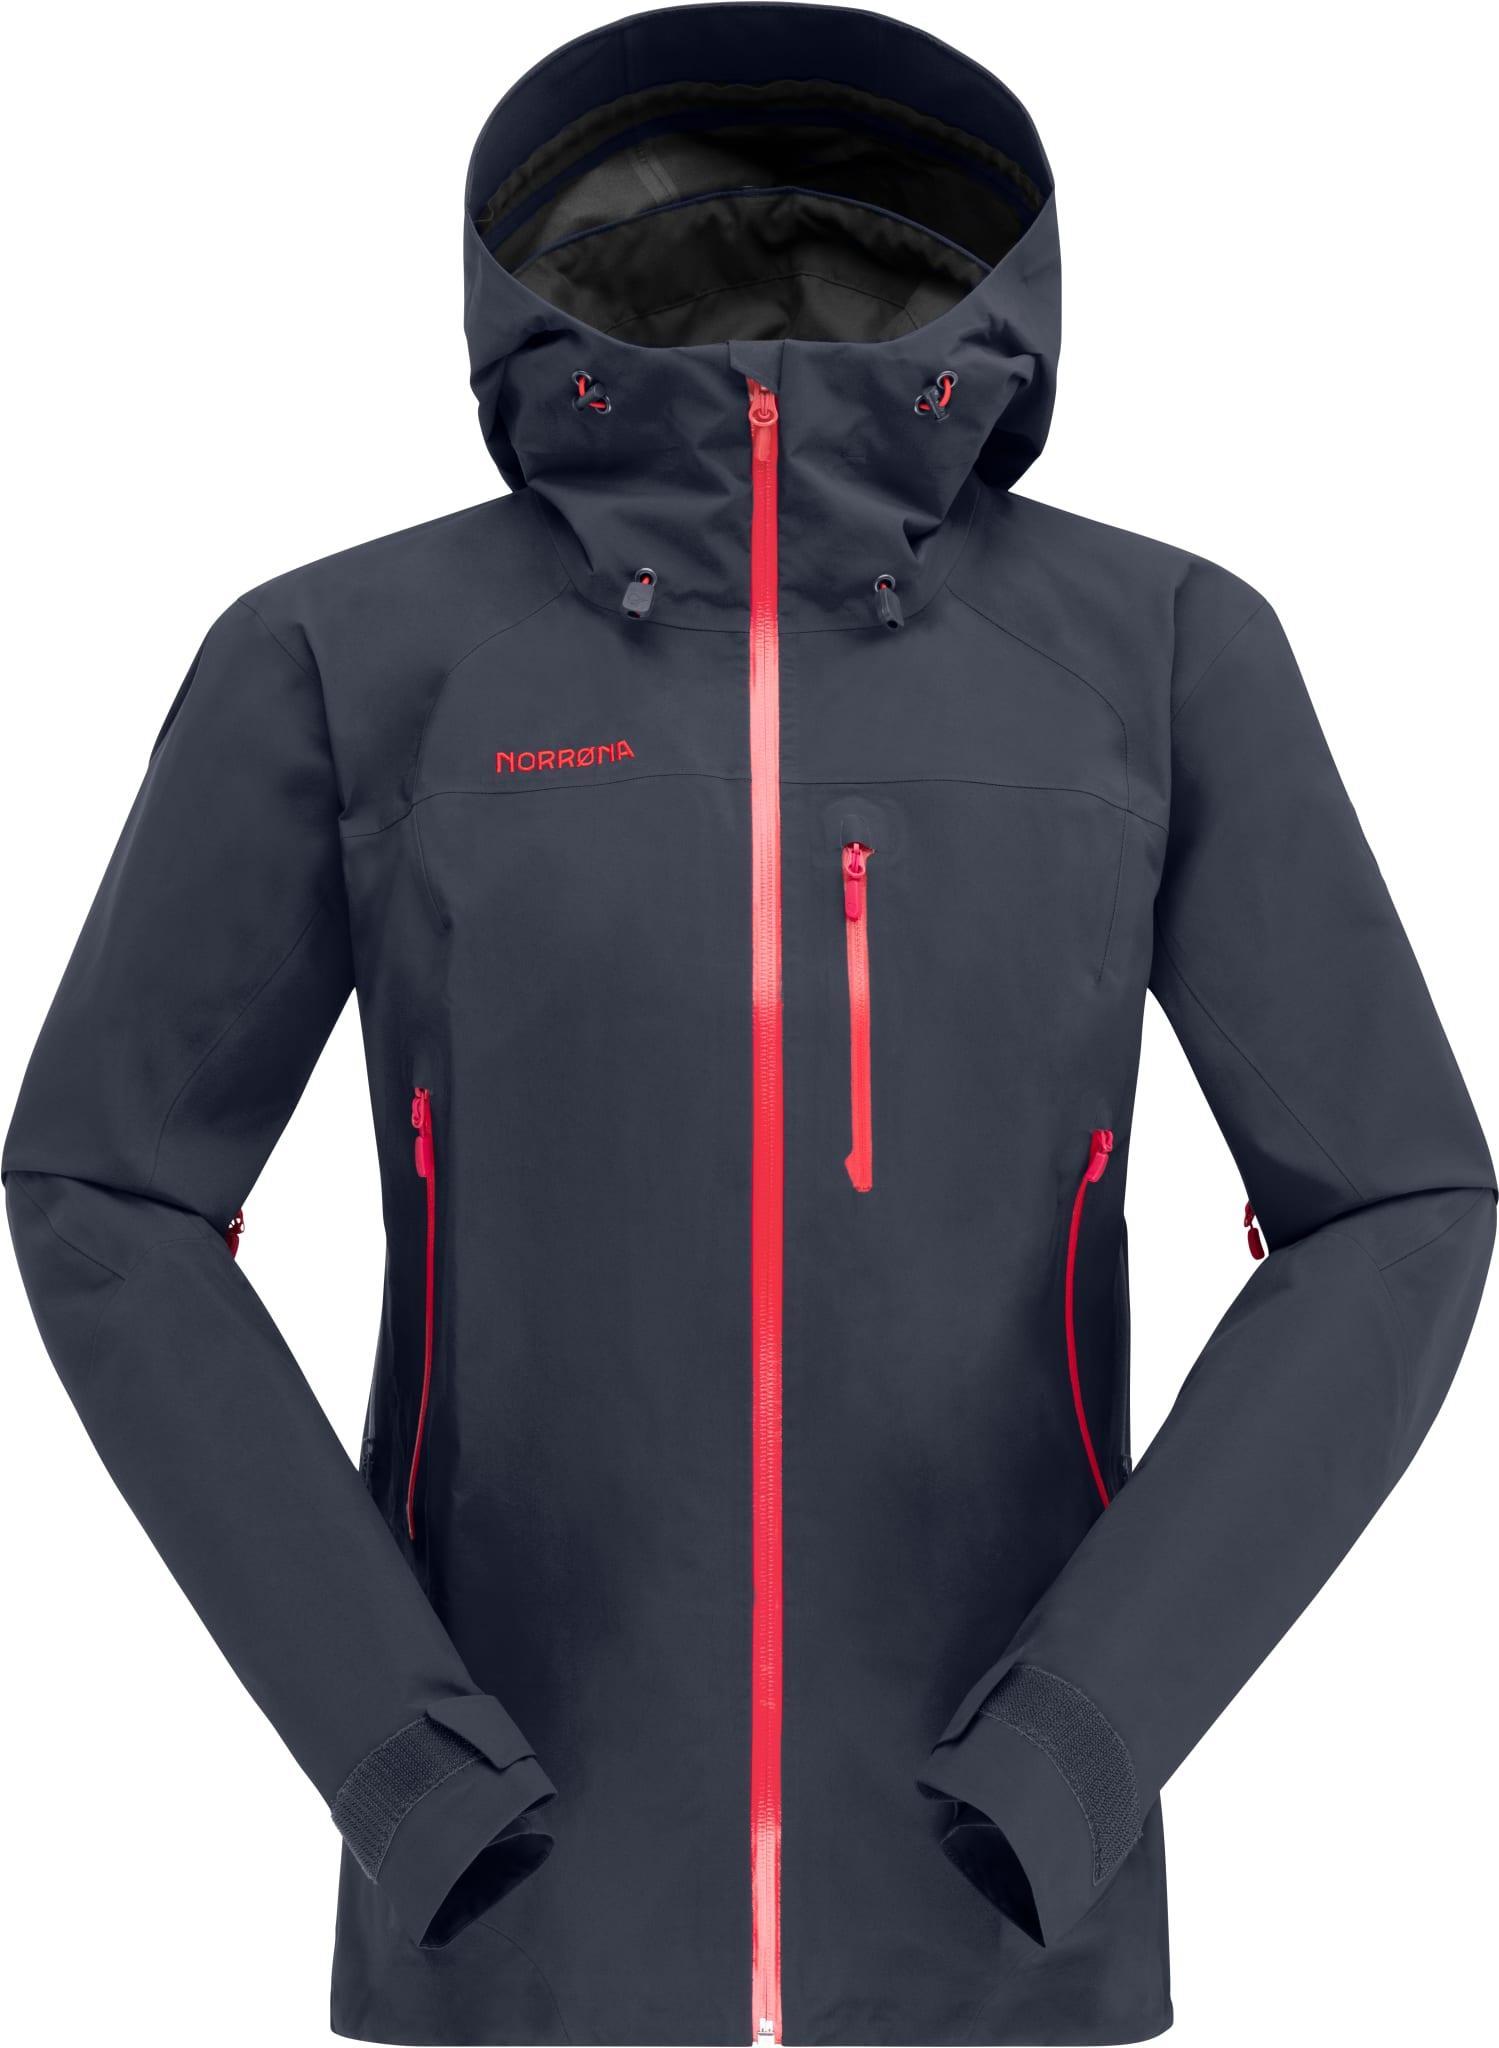 Trollveggen Driflex3 Jacket W